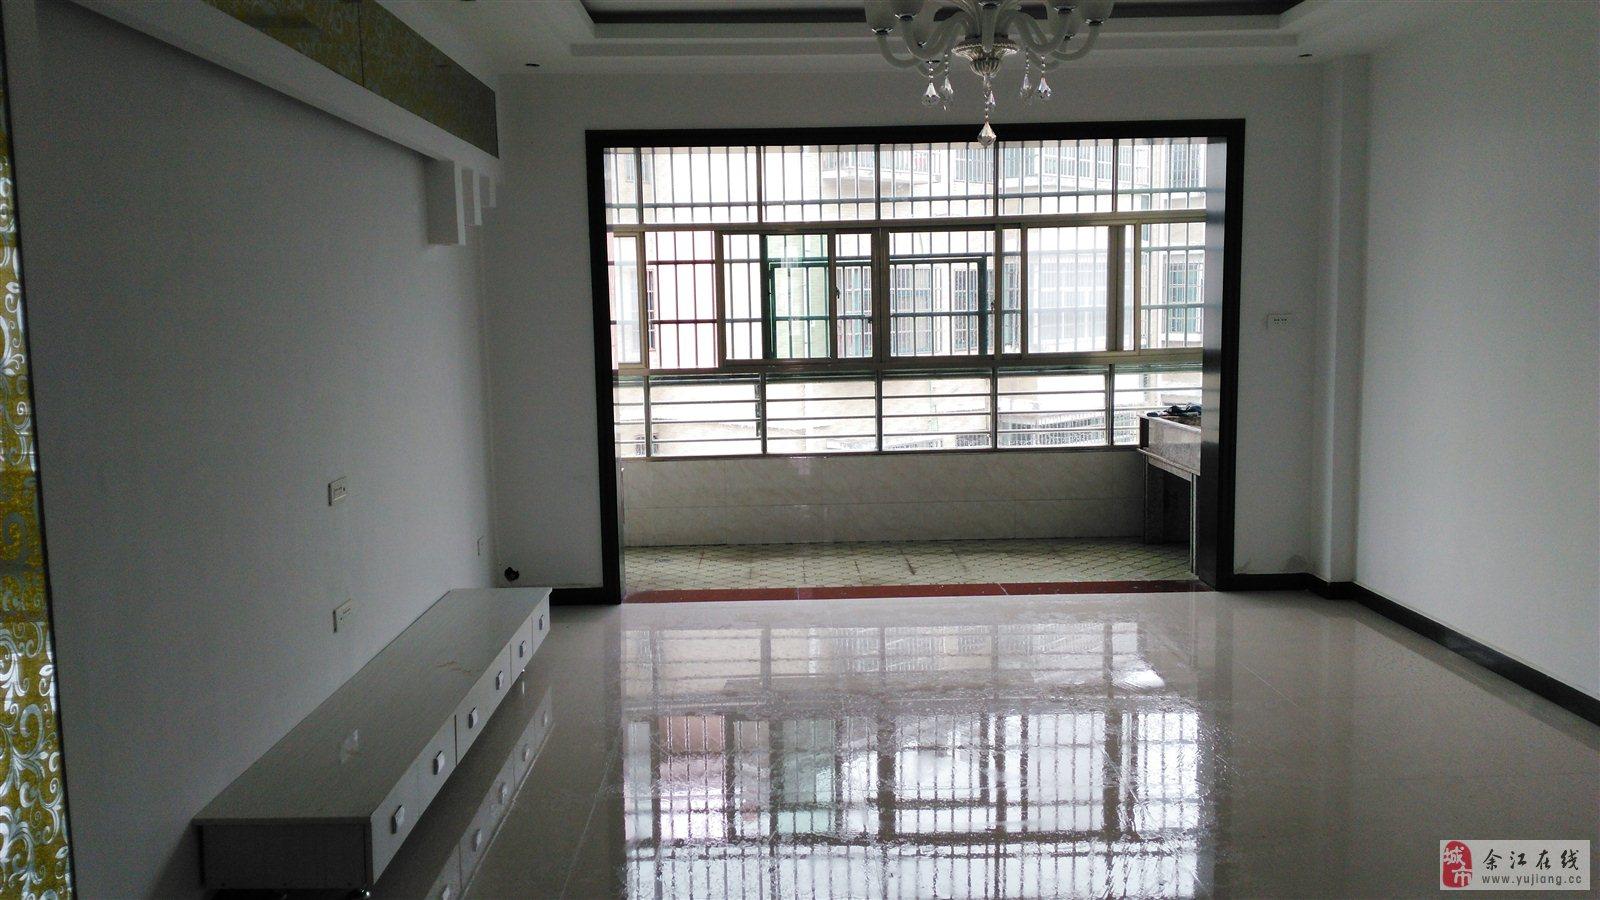 牡丹苑5楼新装修未住、送阁楼装修房号279